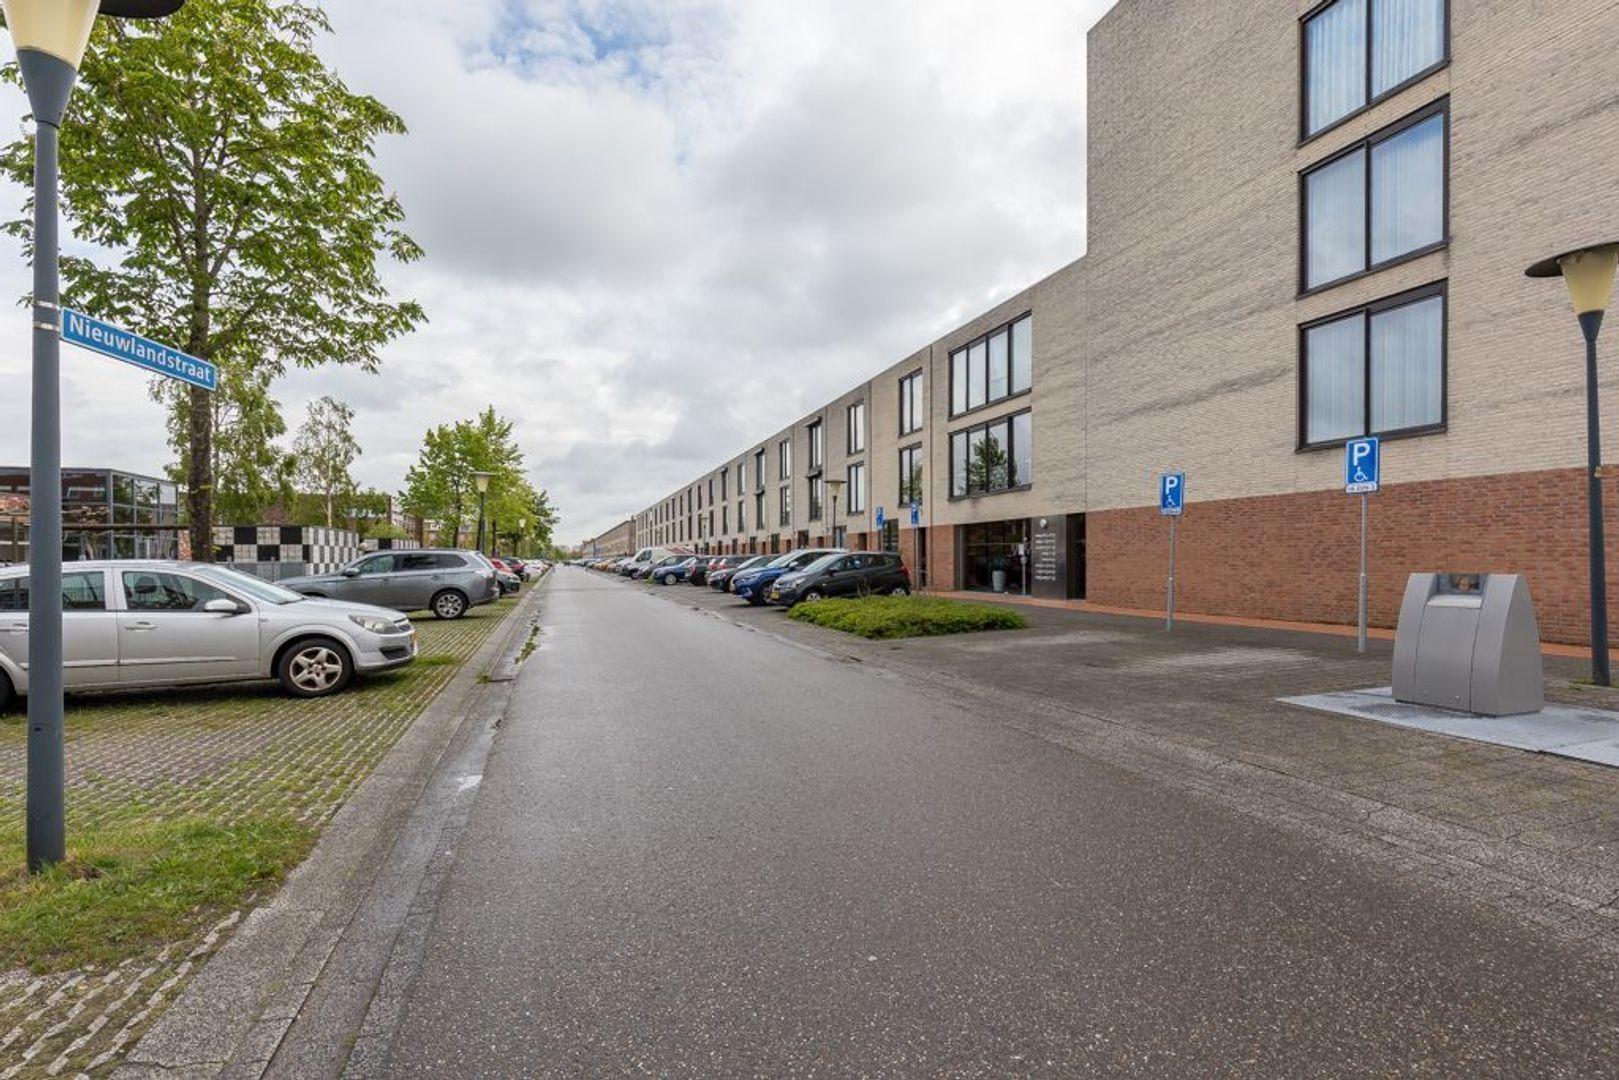 Nieuwlandstraat 156, Zoetermeer foto-3